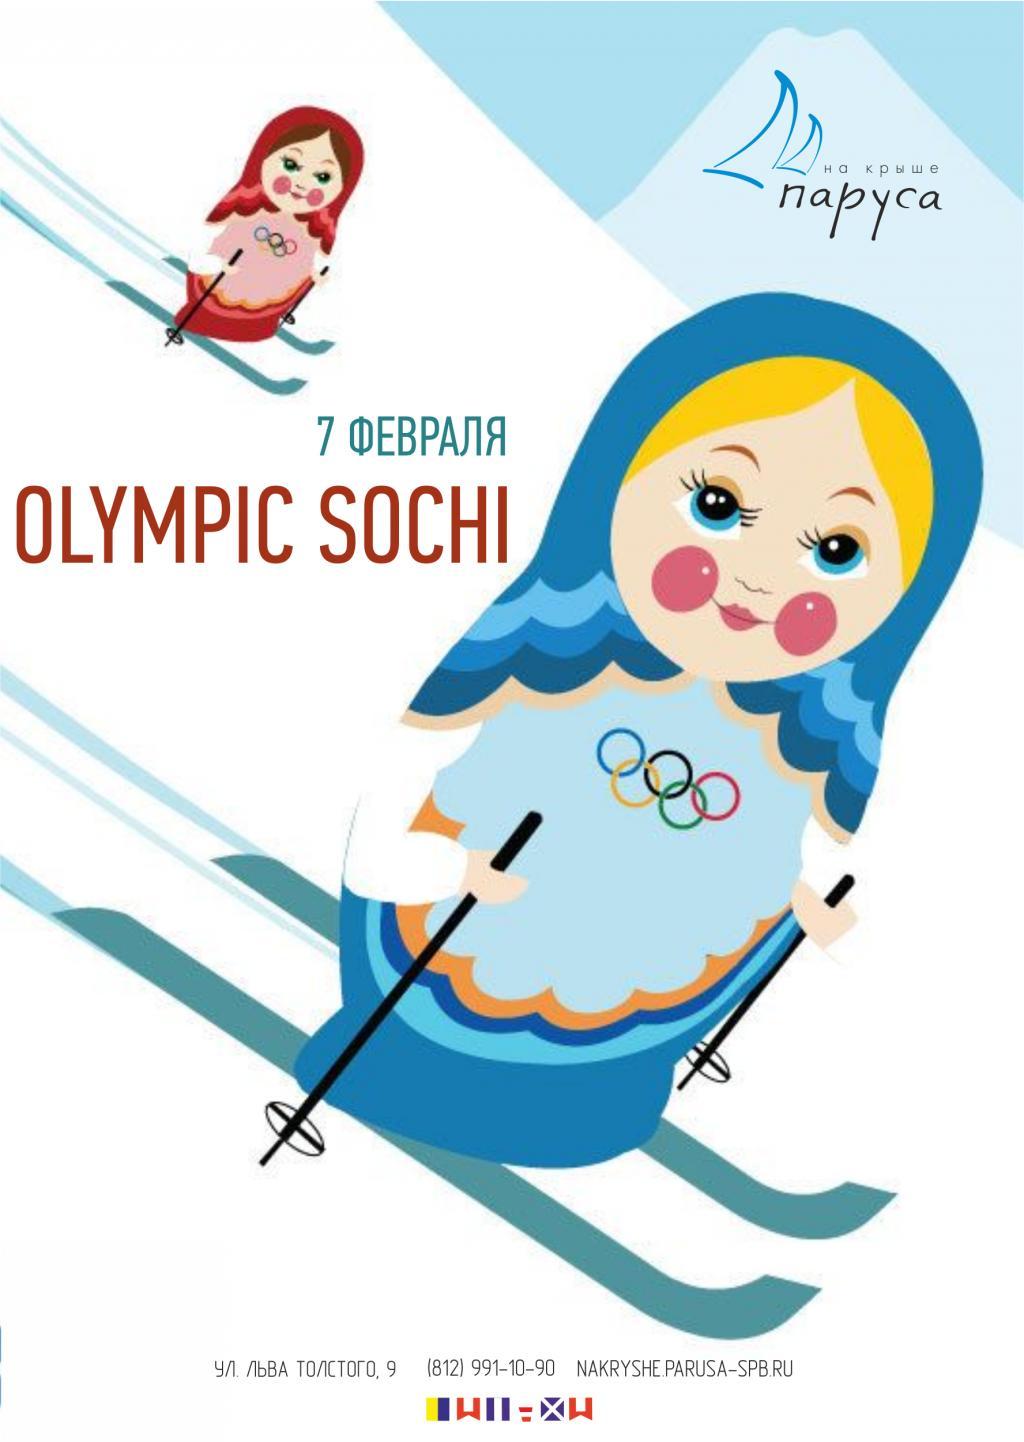 7 февраля Olympic Sochi